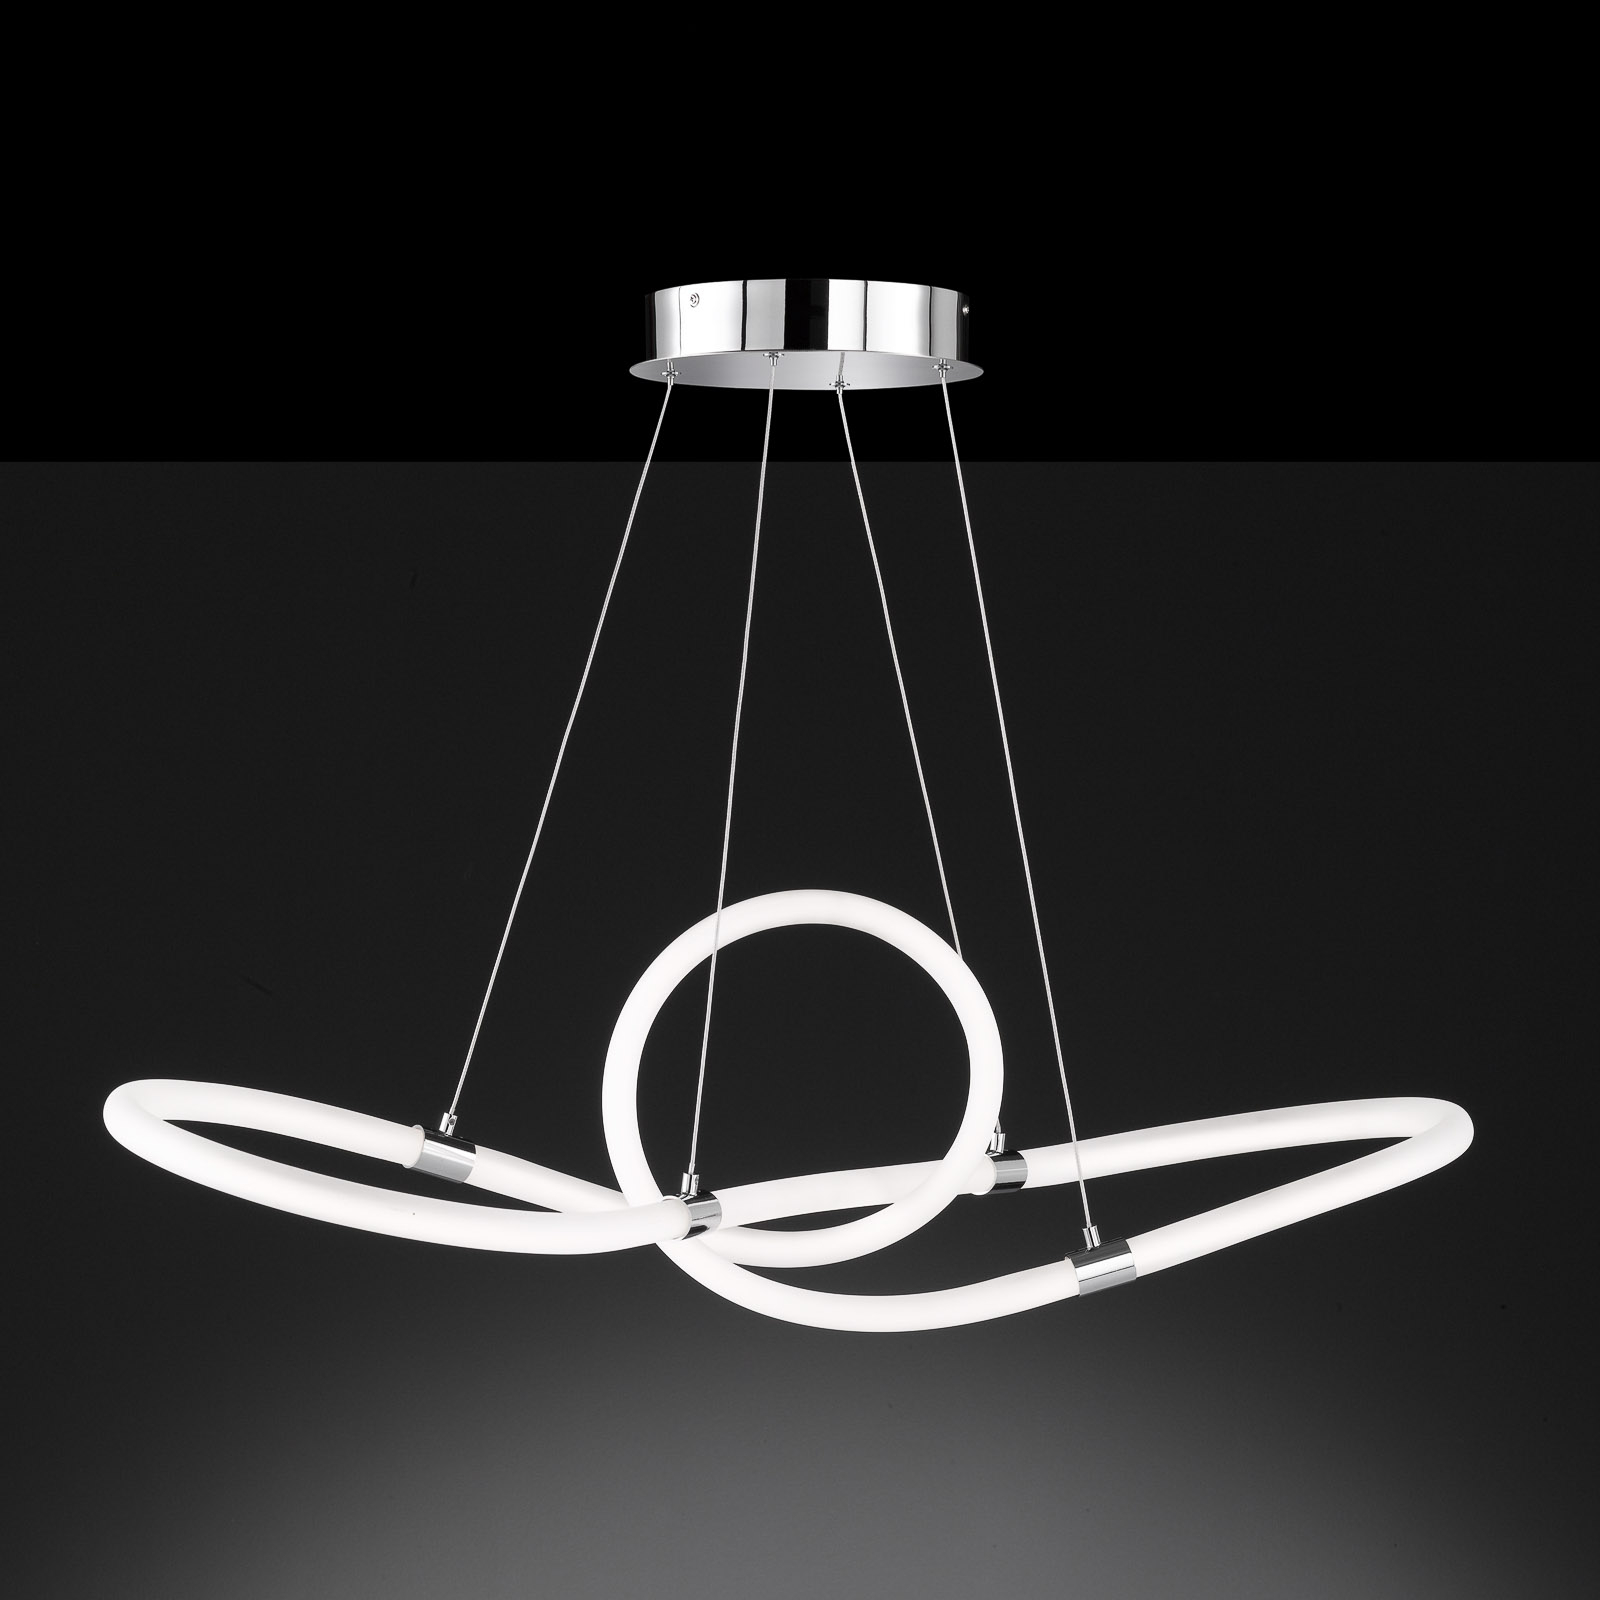 Lampa wisząca LED Mira z pilotem, 92,5x30,5cm